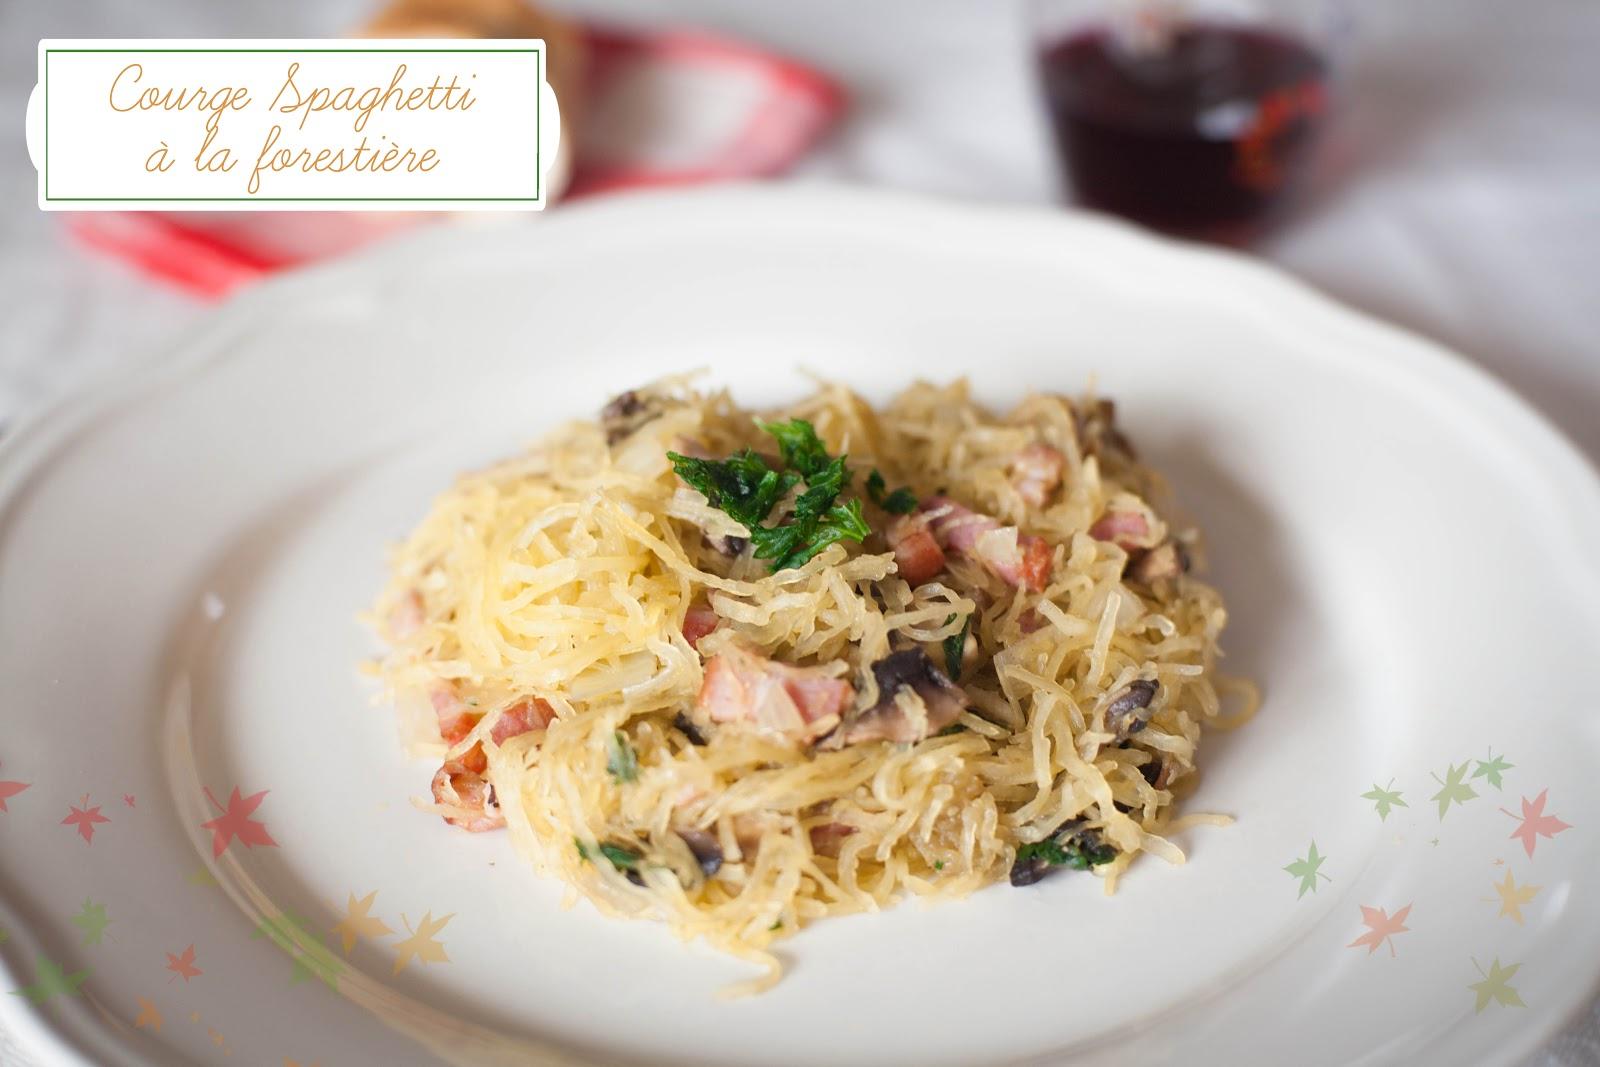 Courge spaghetti la foresti re my little home made cuisine - Cuisiner la courge spaghetti ...